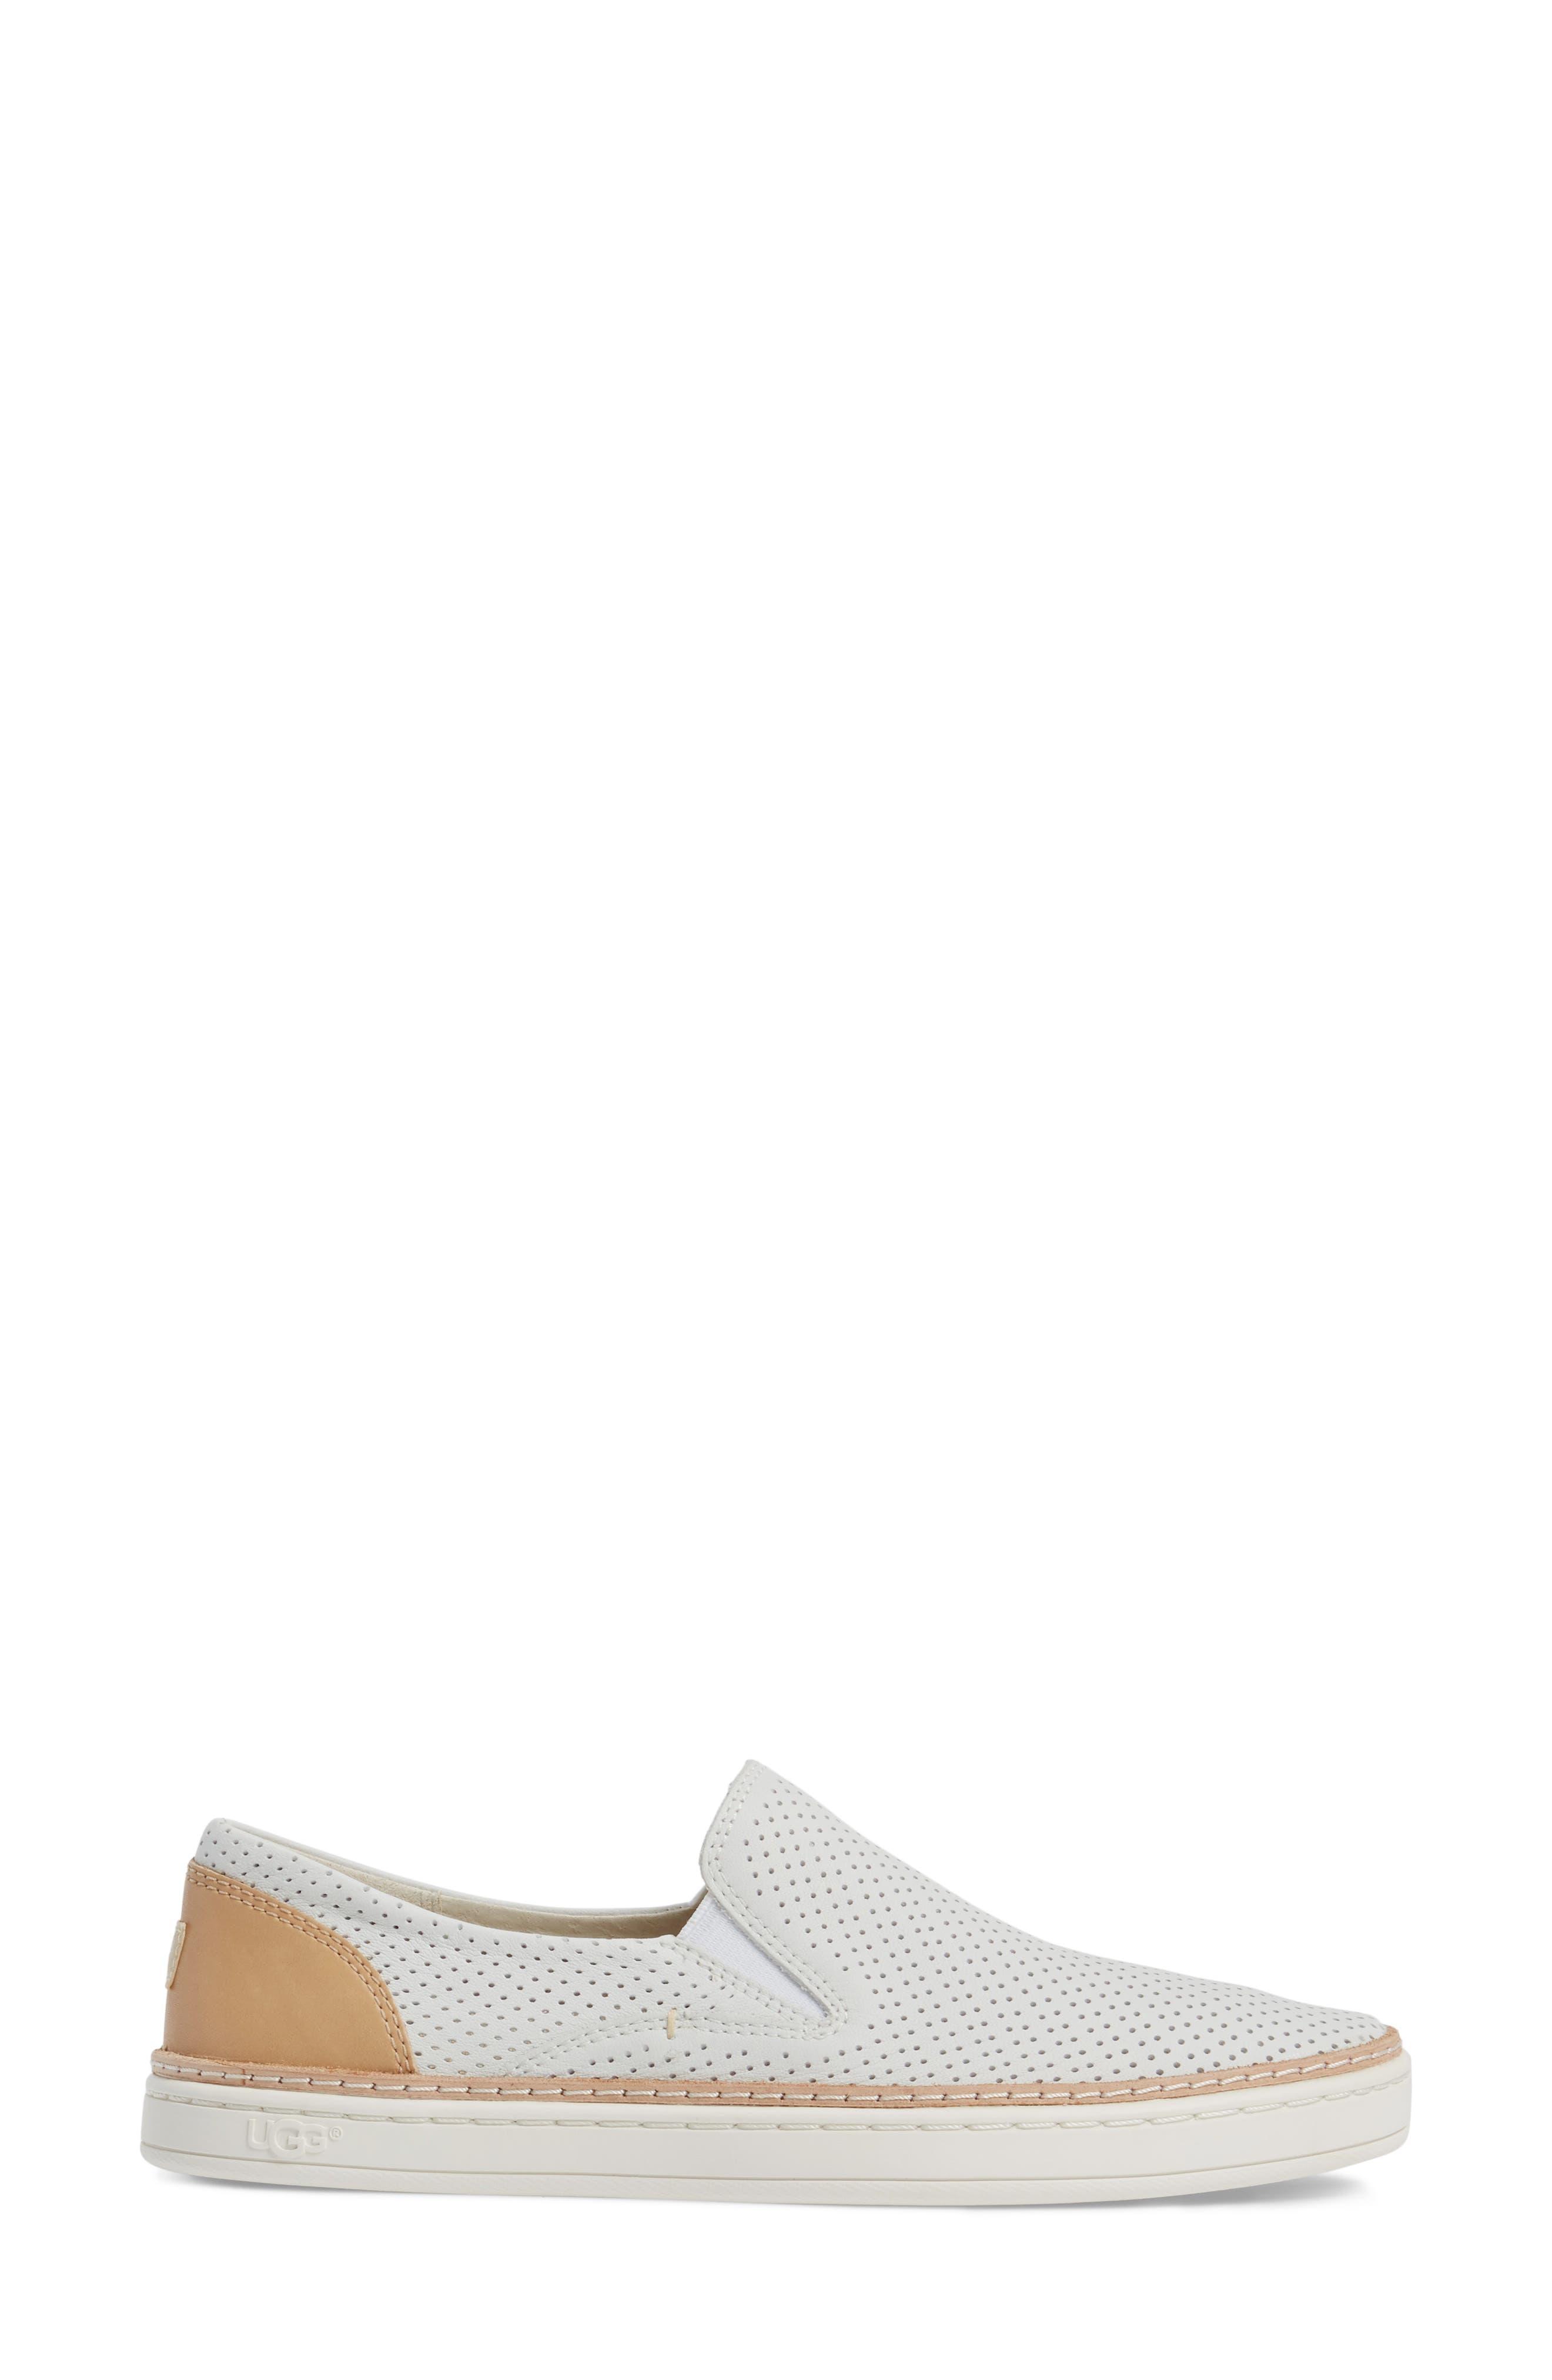 Adley Slip-On Sneaker,                             Alternate thumbnail 27, color,